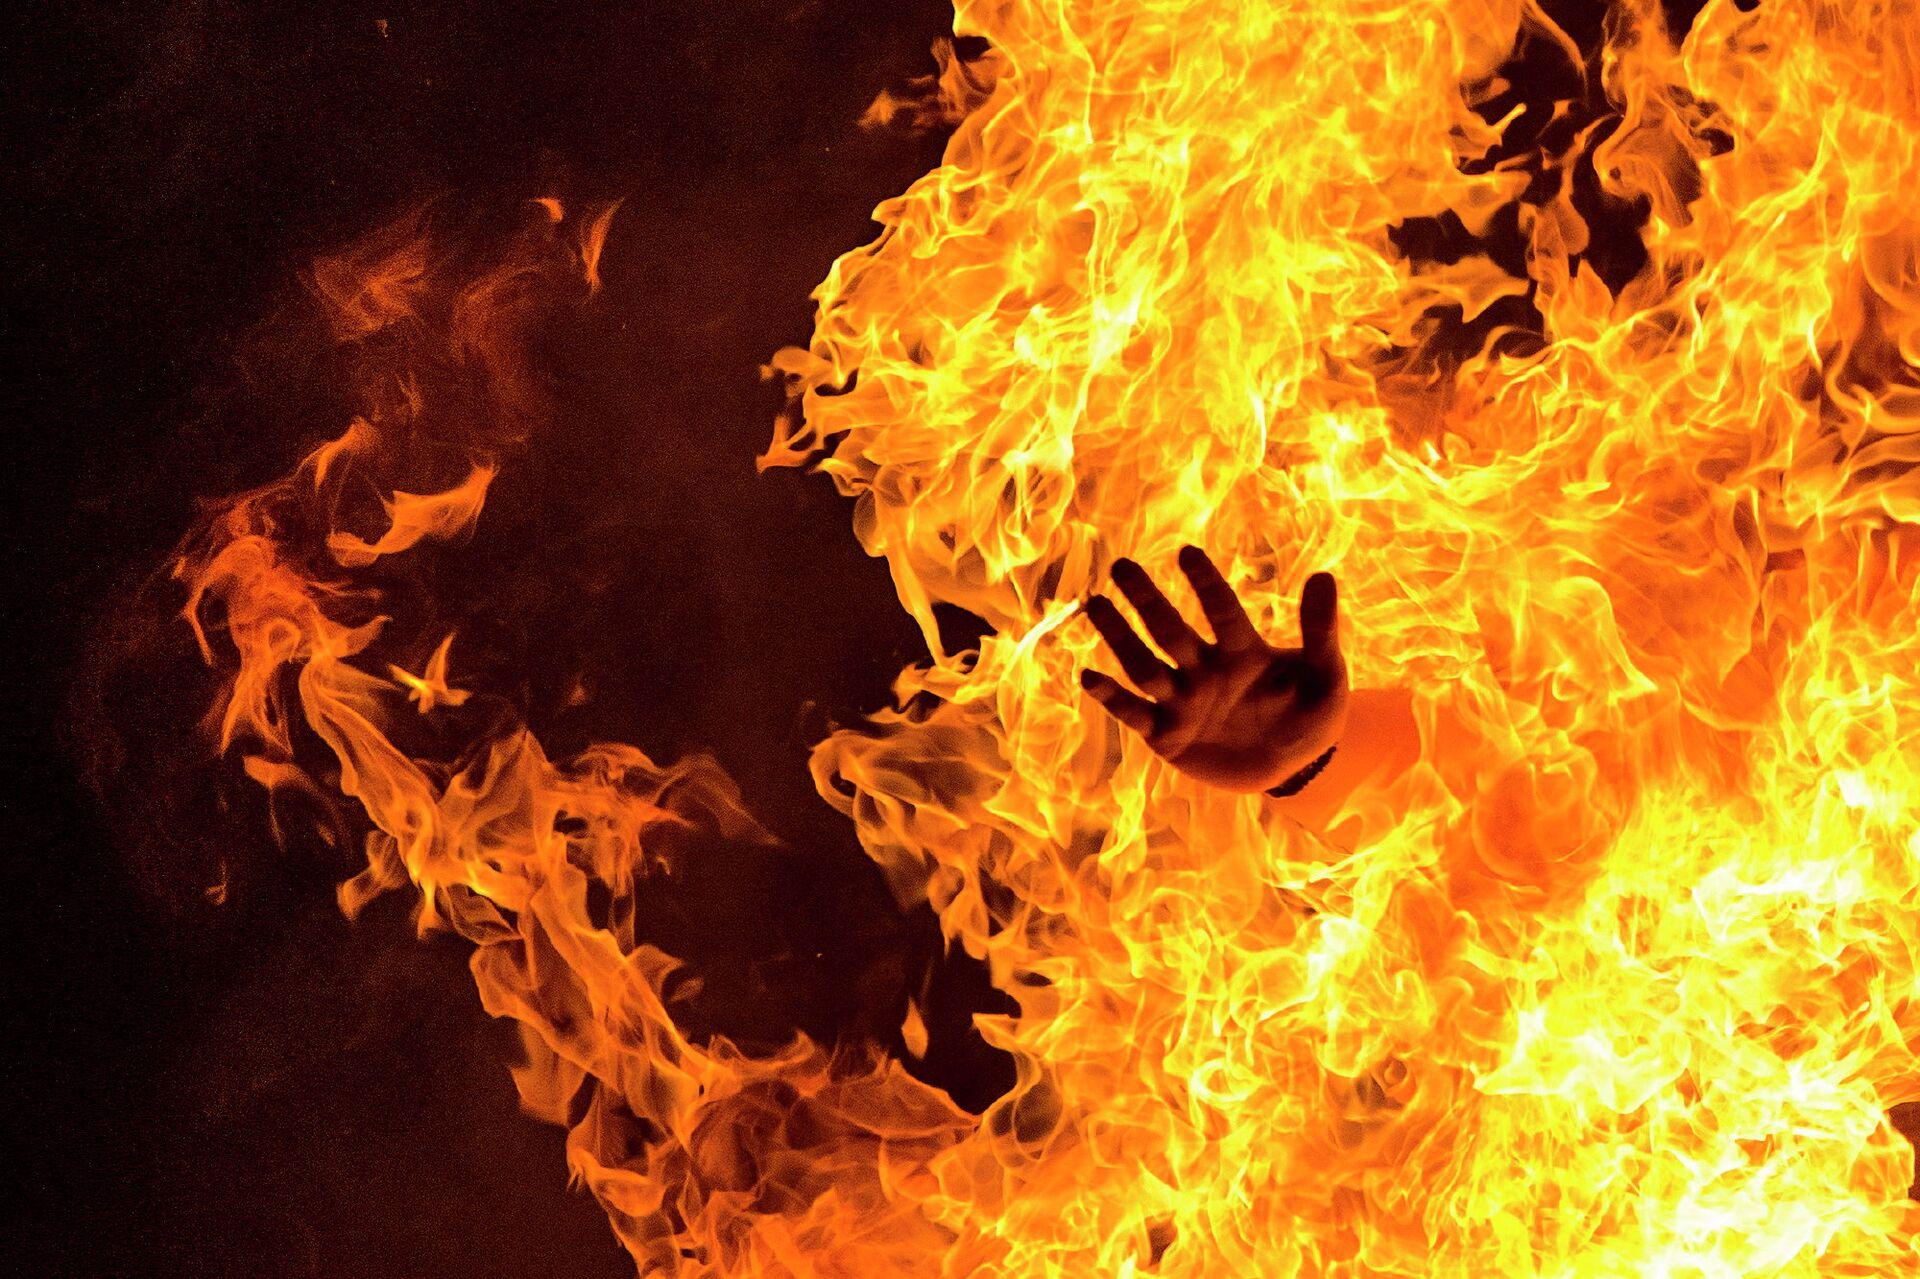 Участник народных гуляний прыгает через костер во время празднования Дня святого Иоанна Крестителя в Испании - РИА Новости, 1920, 25.09.2020